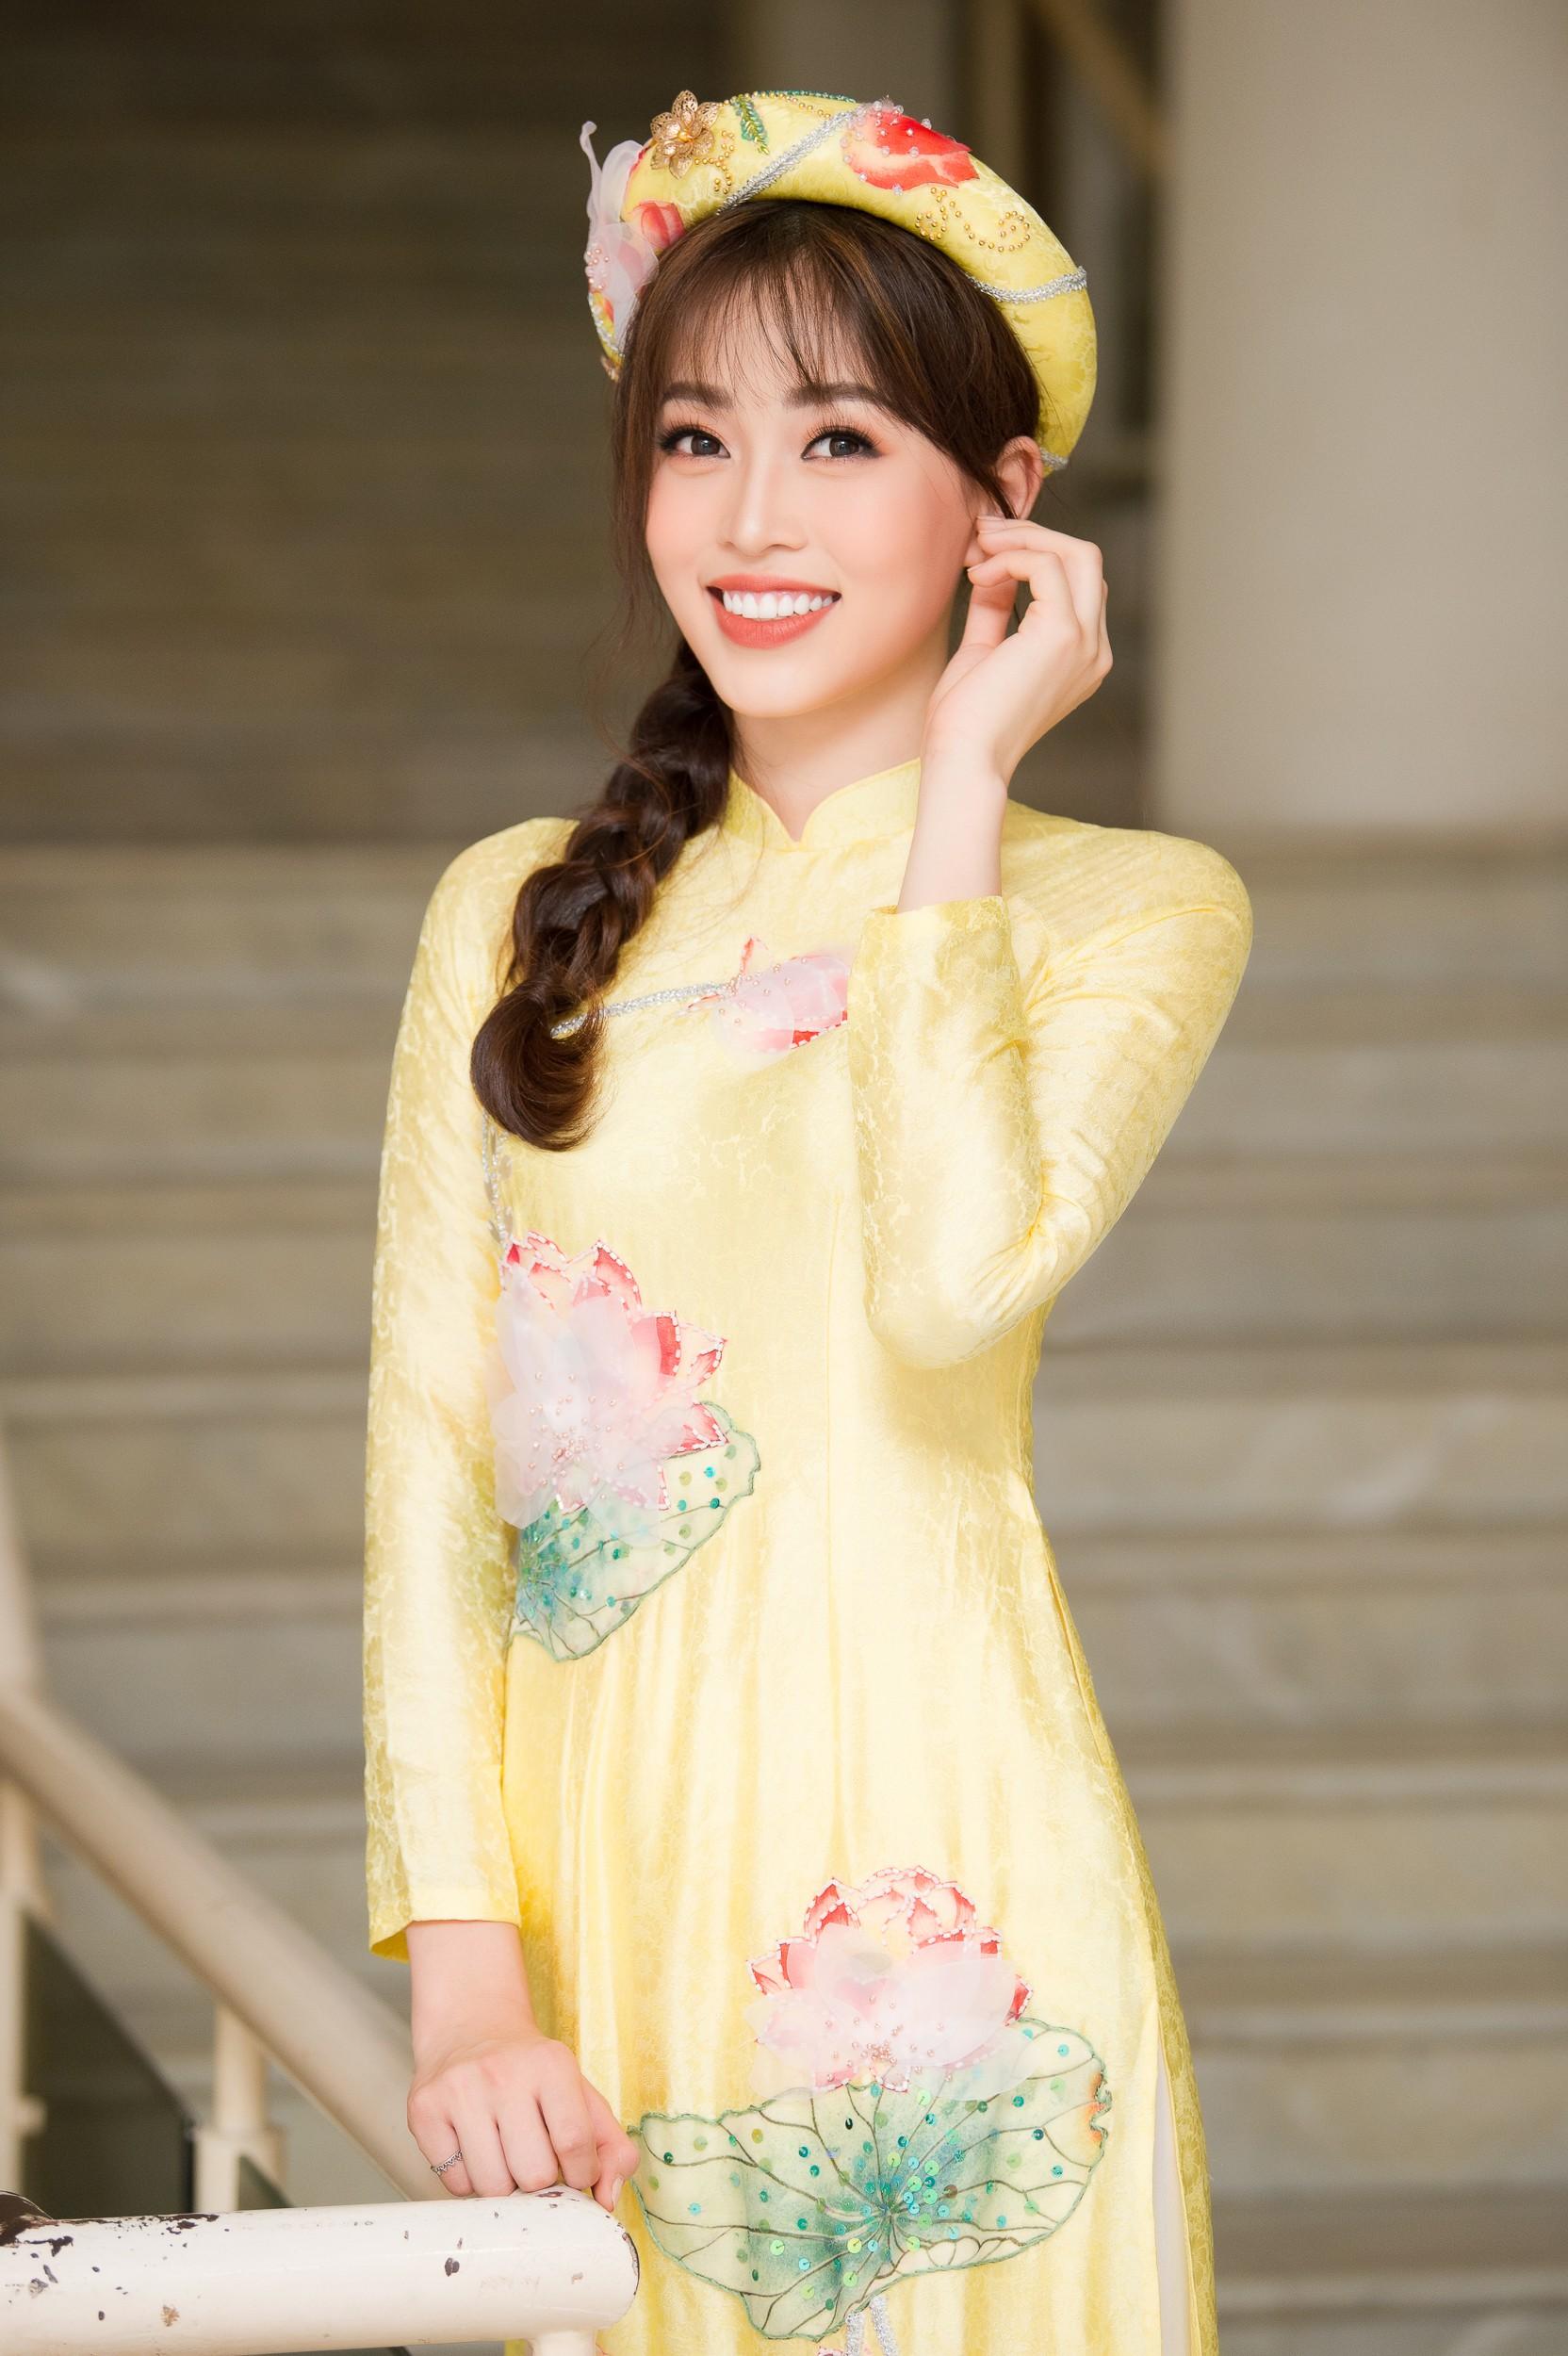 Phương Nga diện áo dài nền nã, thân thiết khi đụng độ bạn gái màn ảnh của Bình An - Ảnh 1.